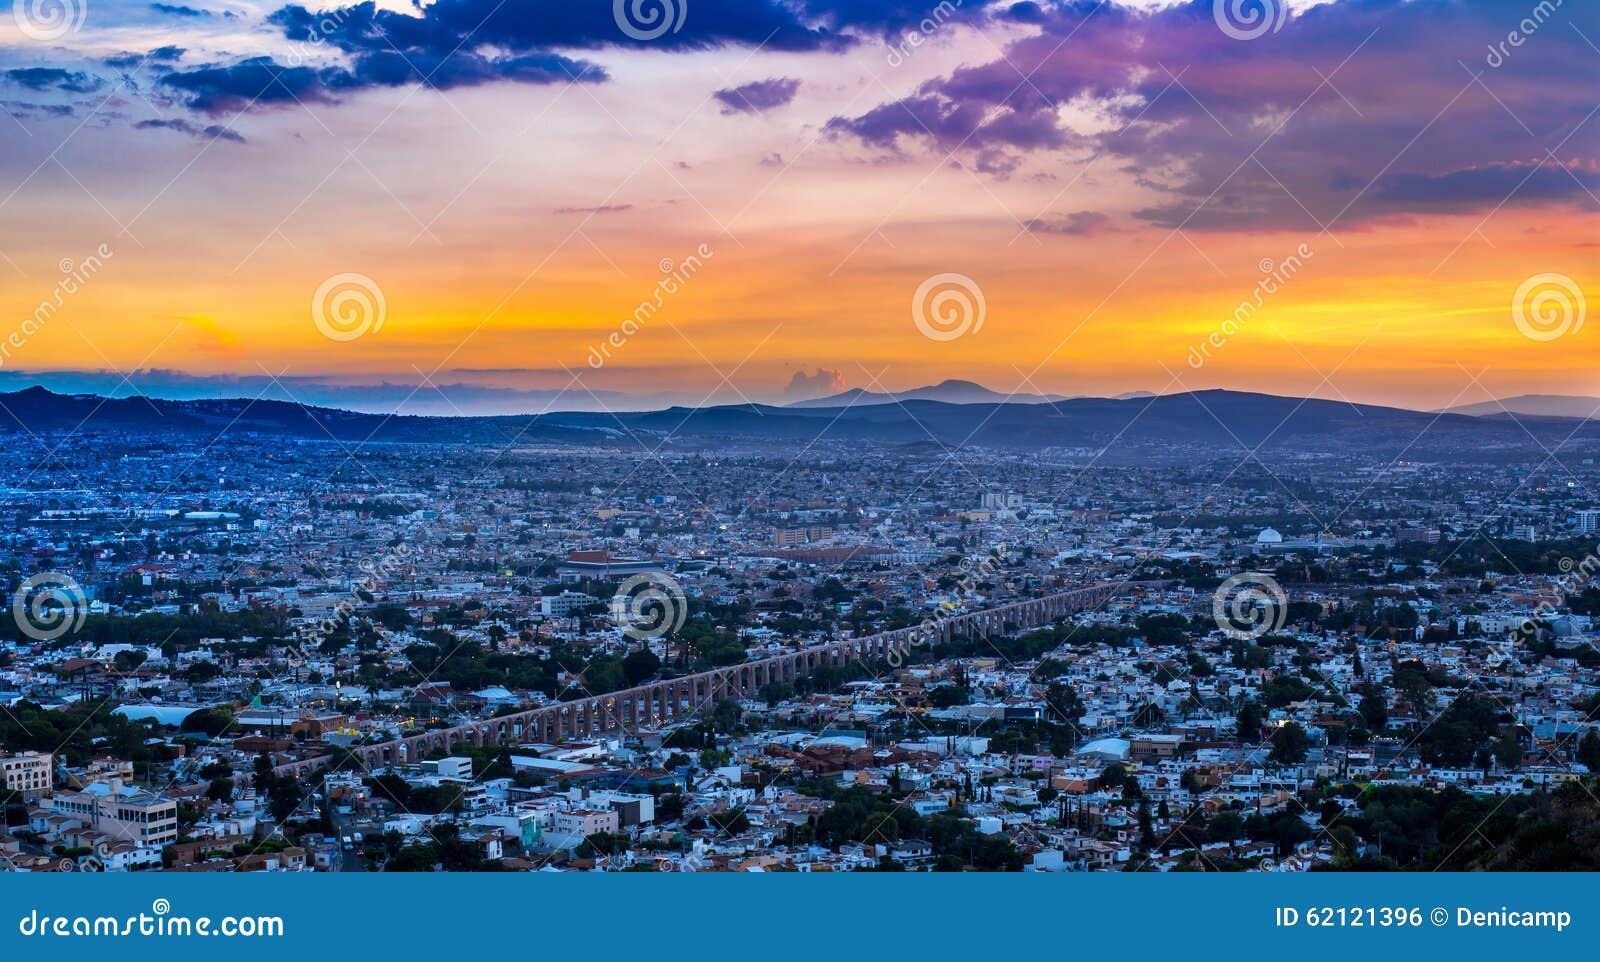 Sun going down over the city of Queretaro Mexico.